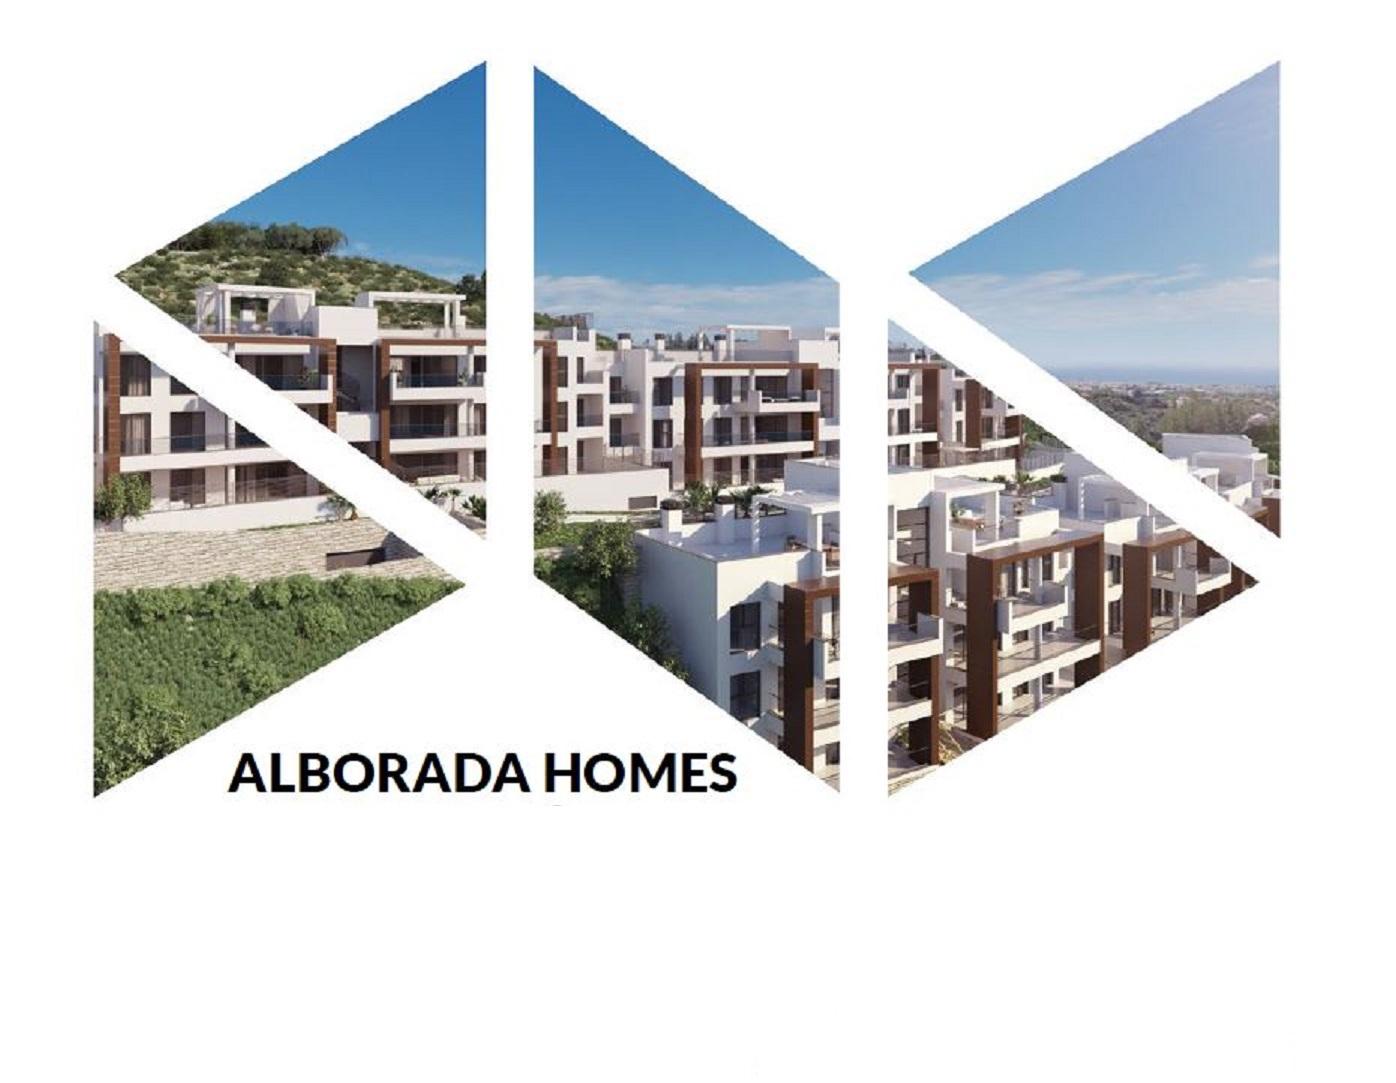 Alborada Homes, nieuw project te Benahavis vanaf 269.500 €